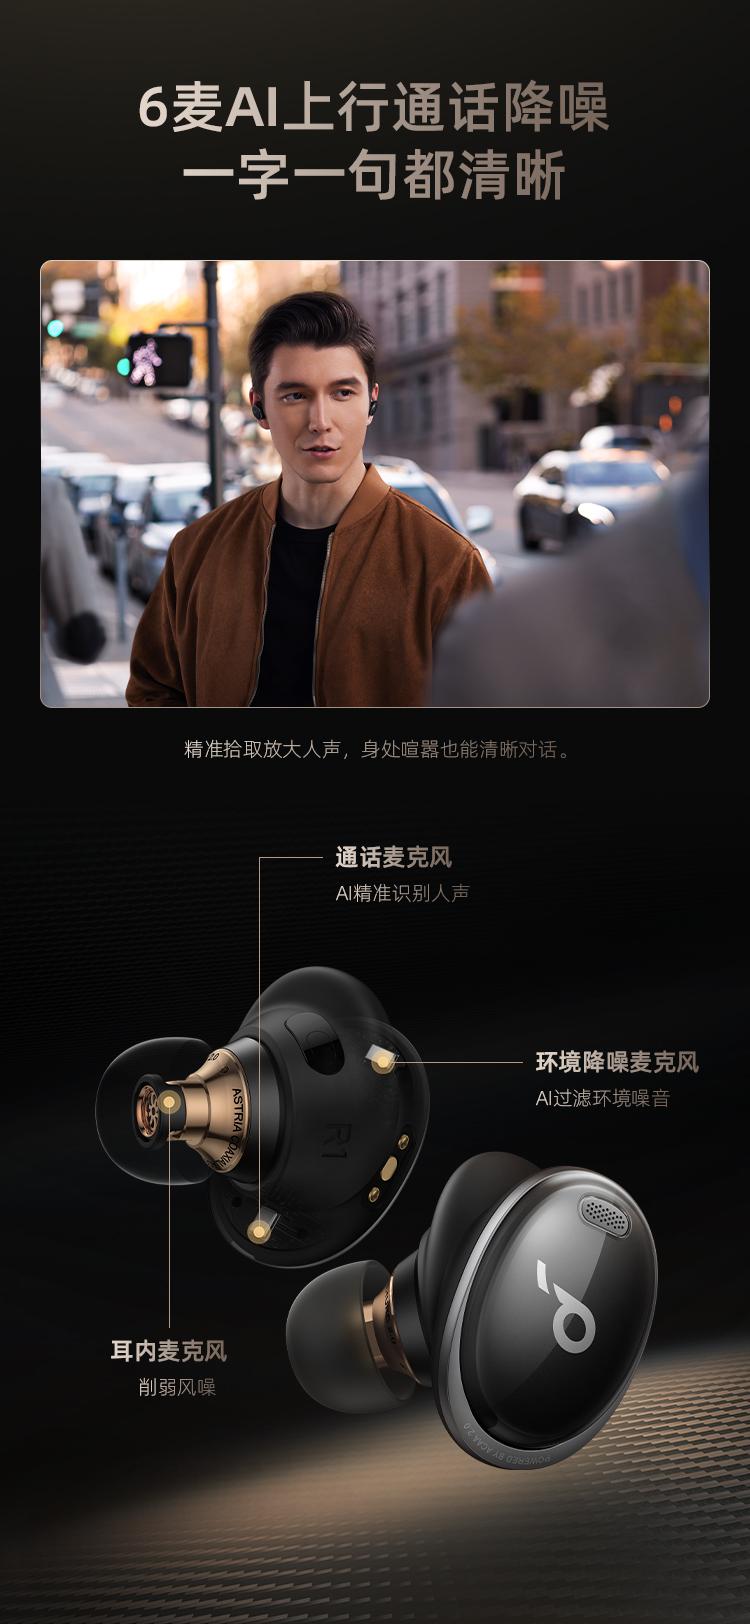 """我爱音频网粉丝试用第118期:Liberty 3 Pro""""声阔小金腔"""" 专利ACAA 2.0同轴圈铁个性化降噪耳机-我爱音频网"""